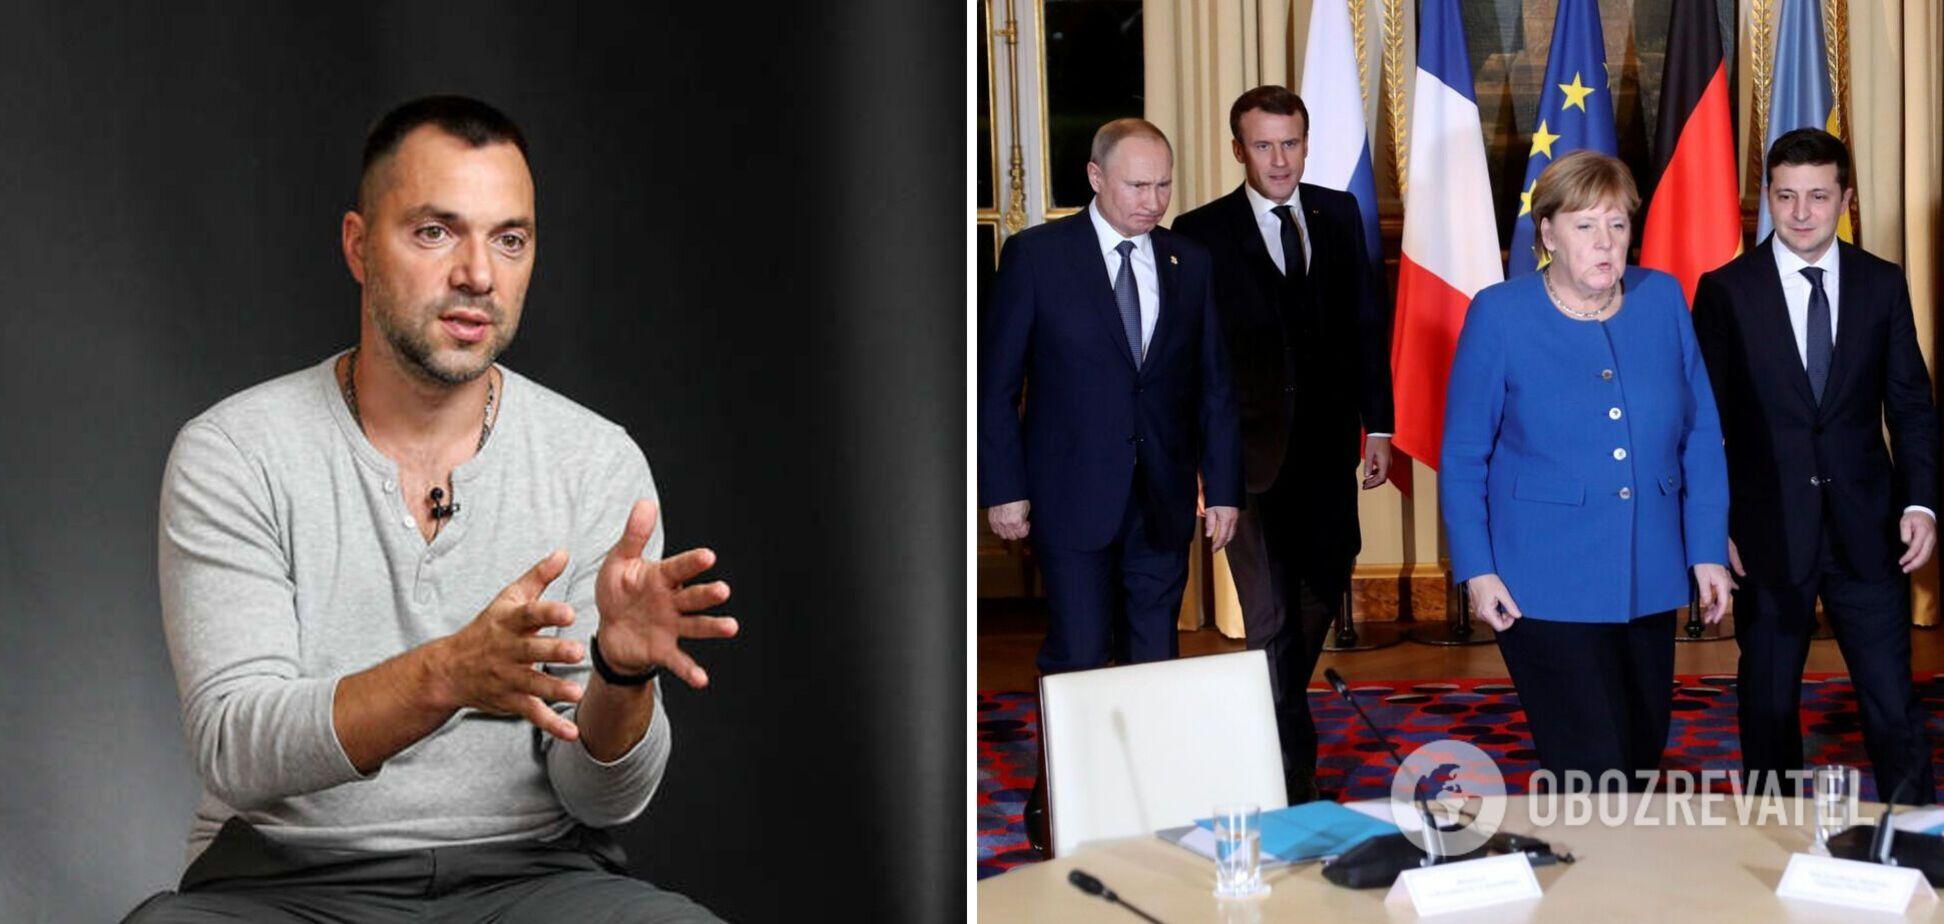 Арестович объяснил ложь России по переговорам Зеленского и Путина